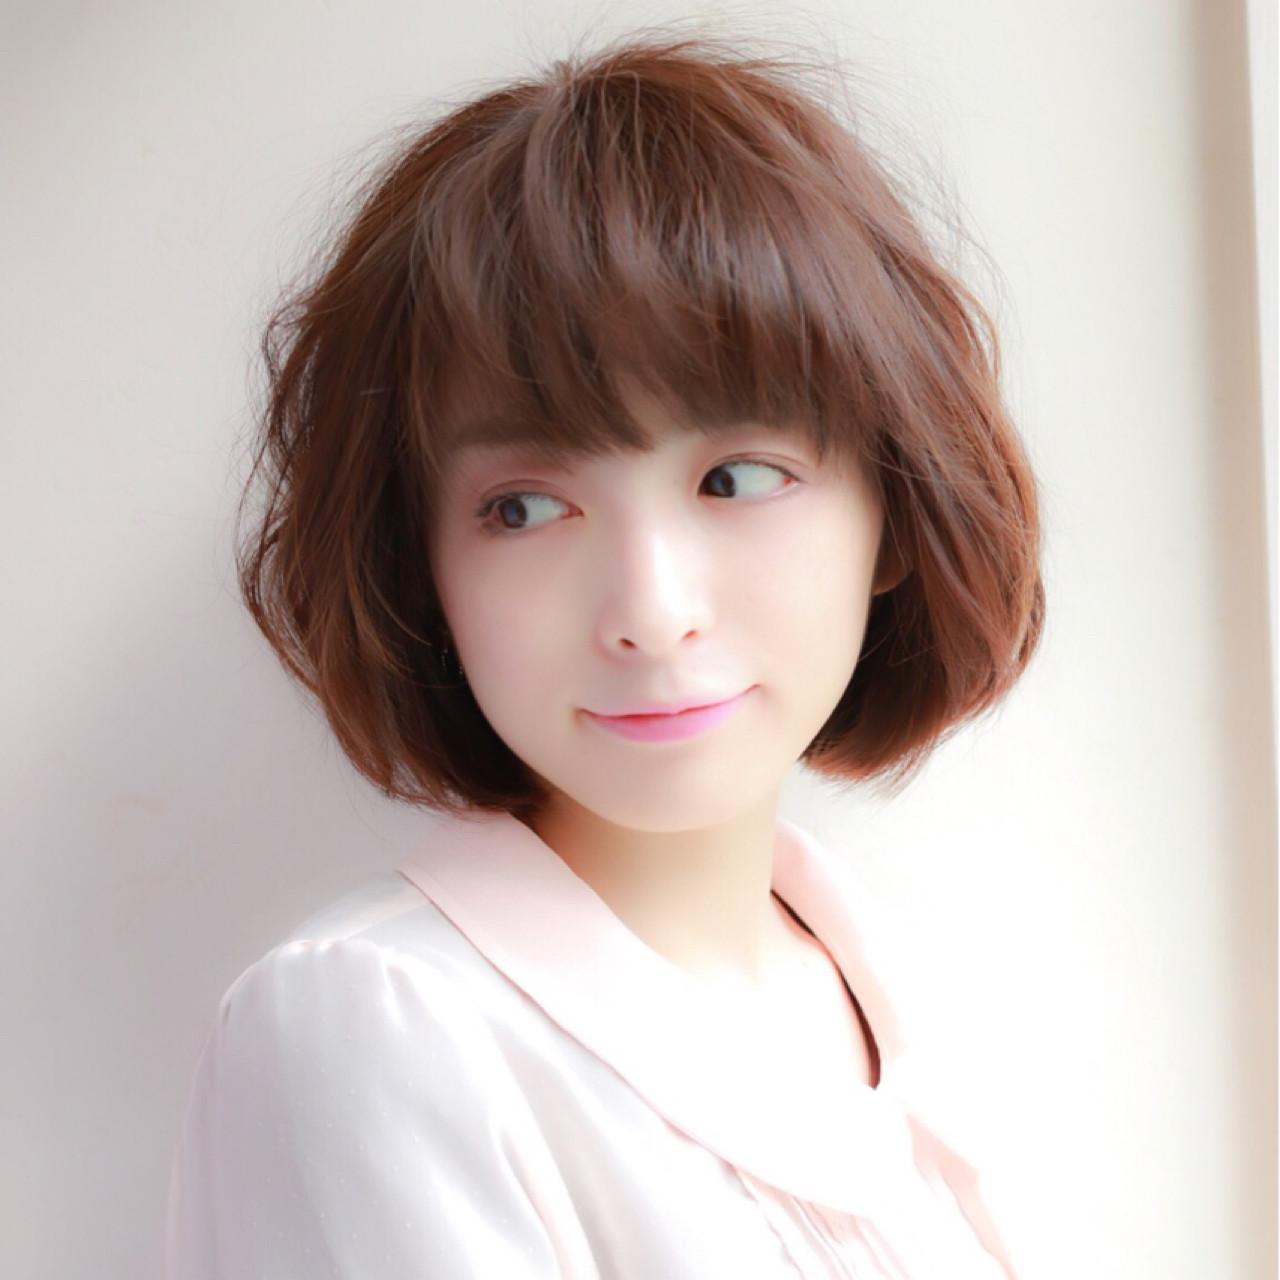 ボブ 大人女子 大人かわいい かわいい ヘアスタイルや髪型の写真・画像